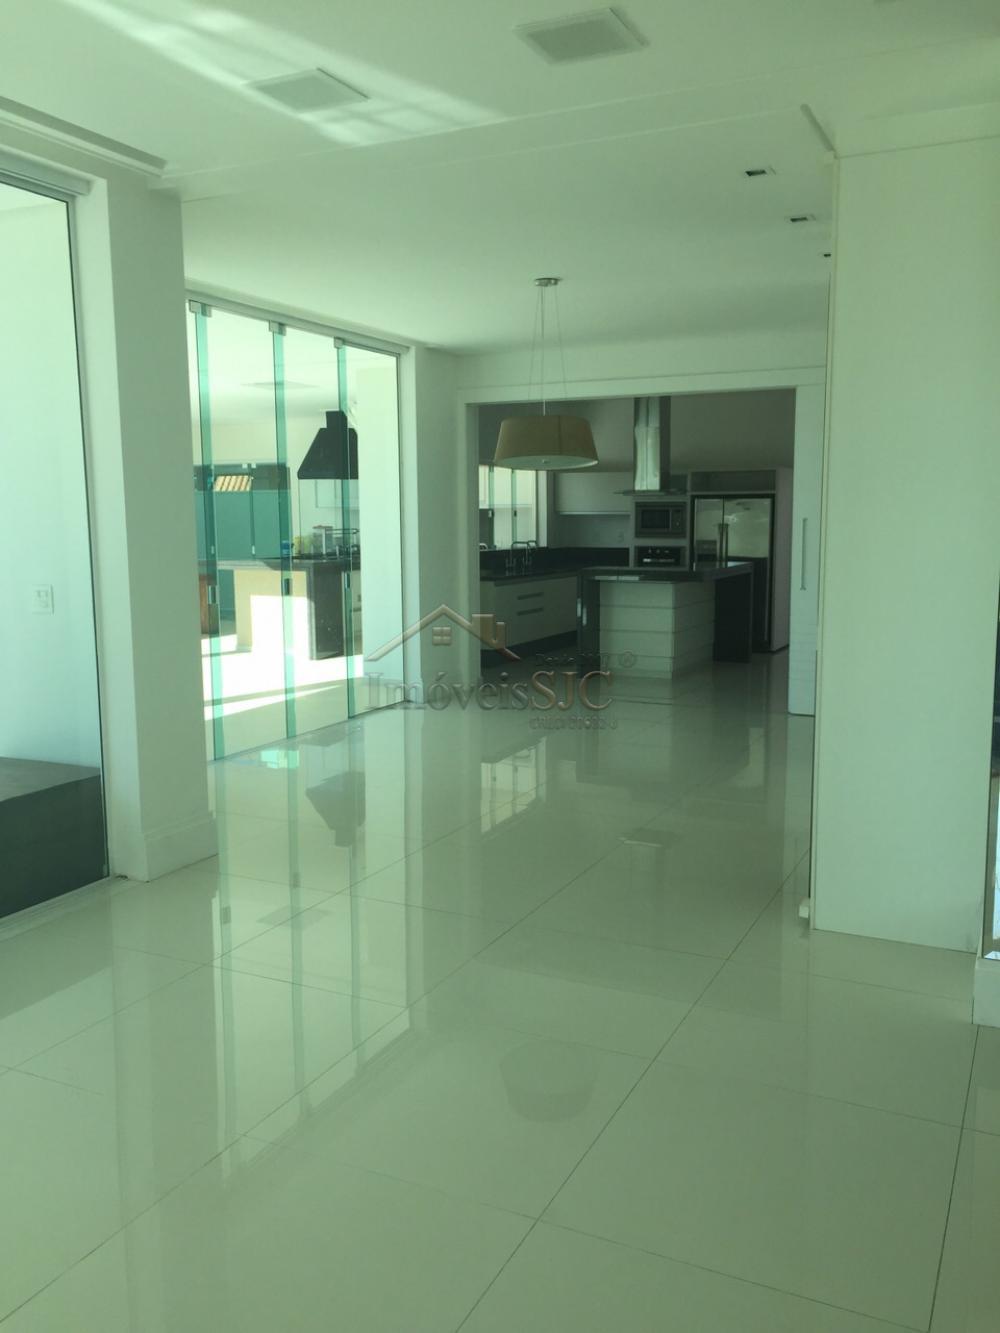 Alugar Casas / Condomínio em São José dos Campos apenas R$ 15.000,00 - Foto 4